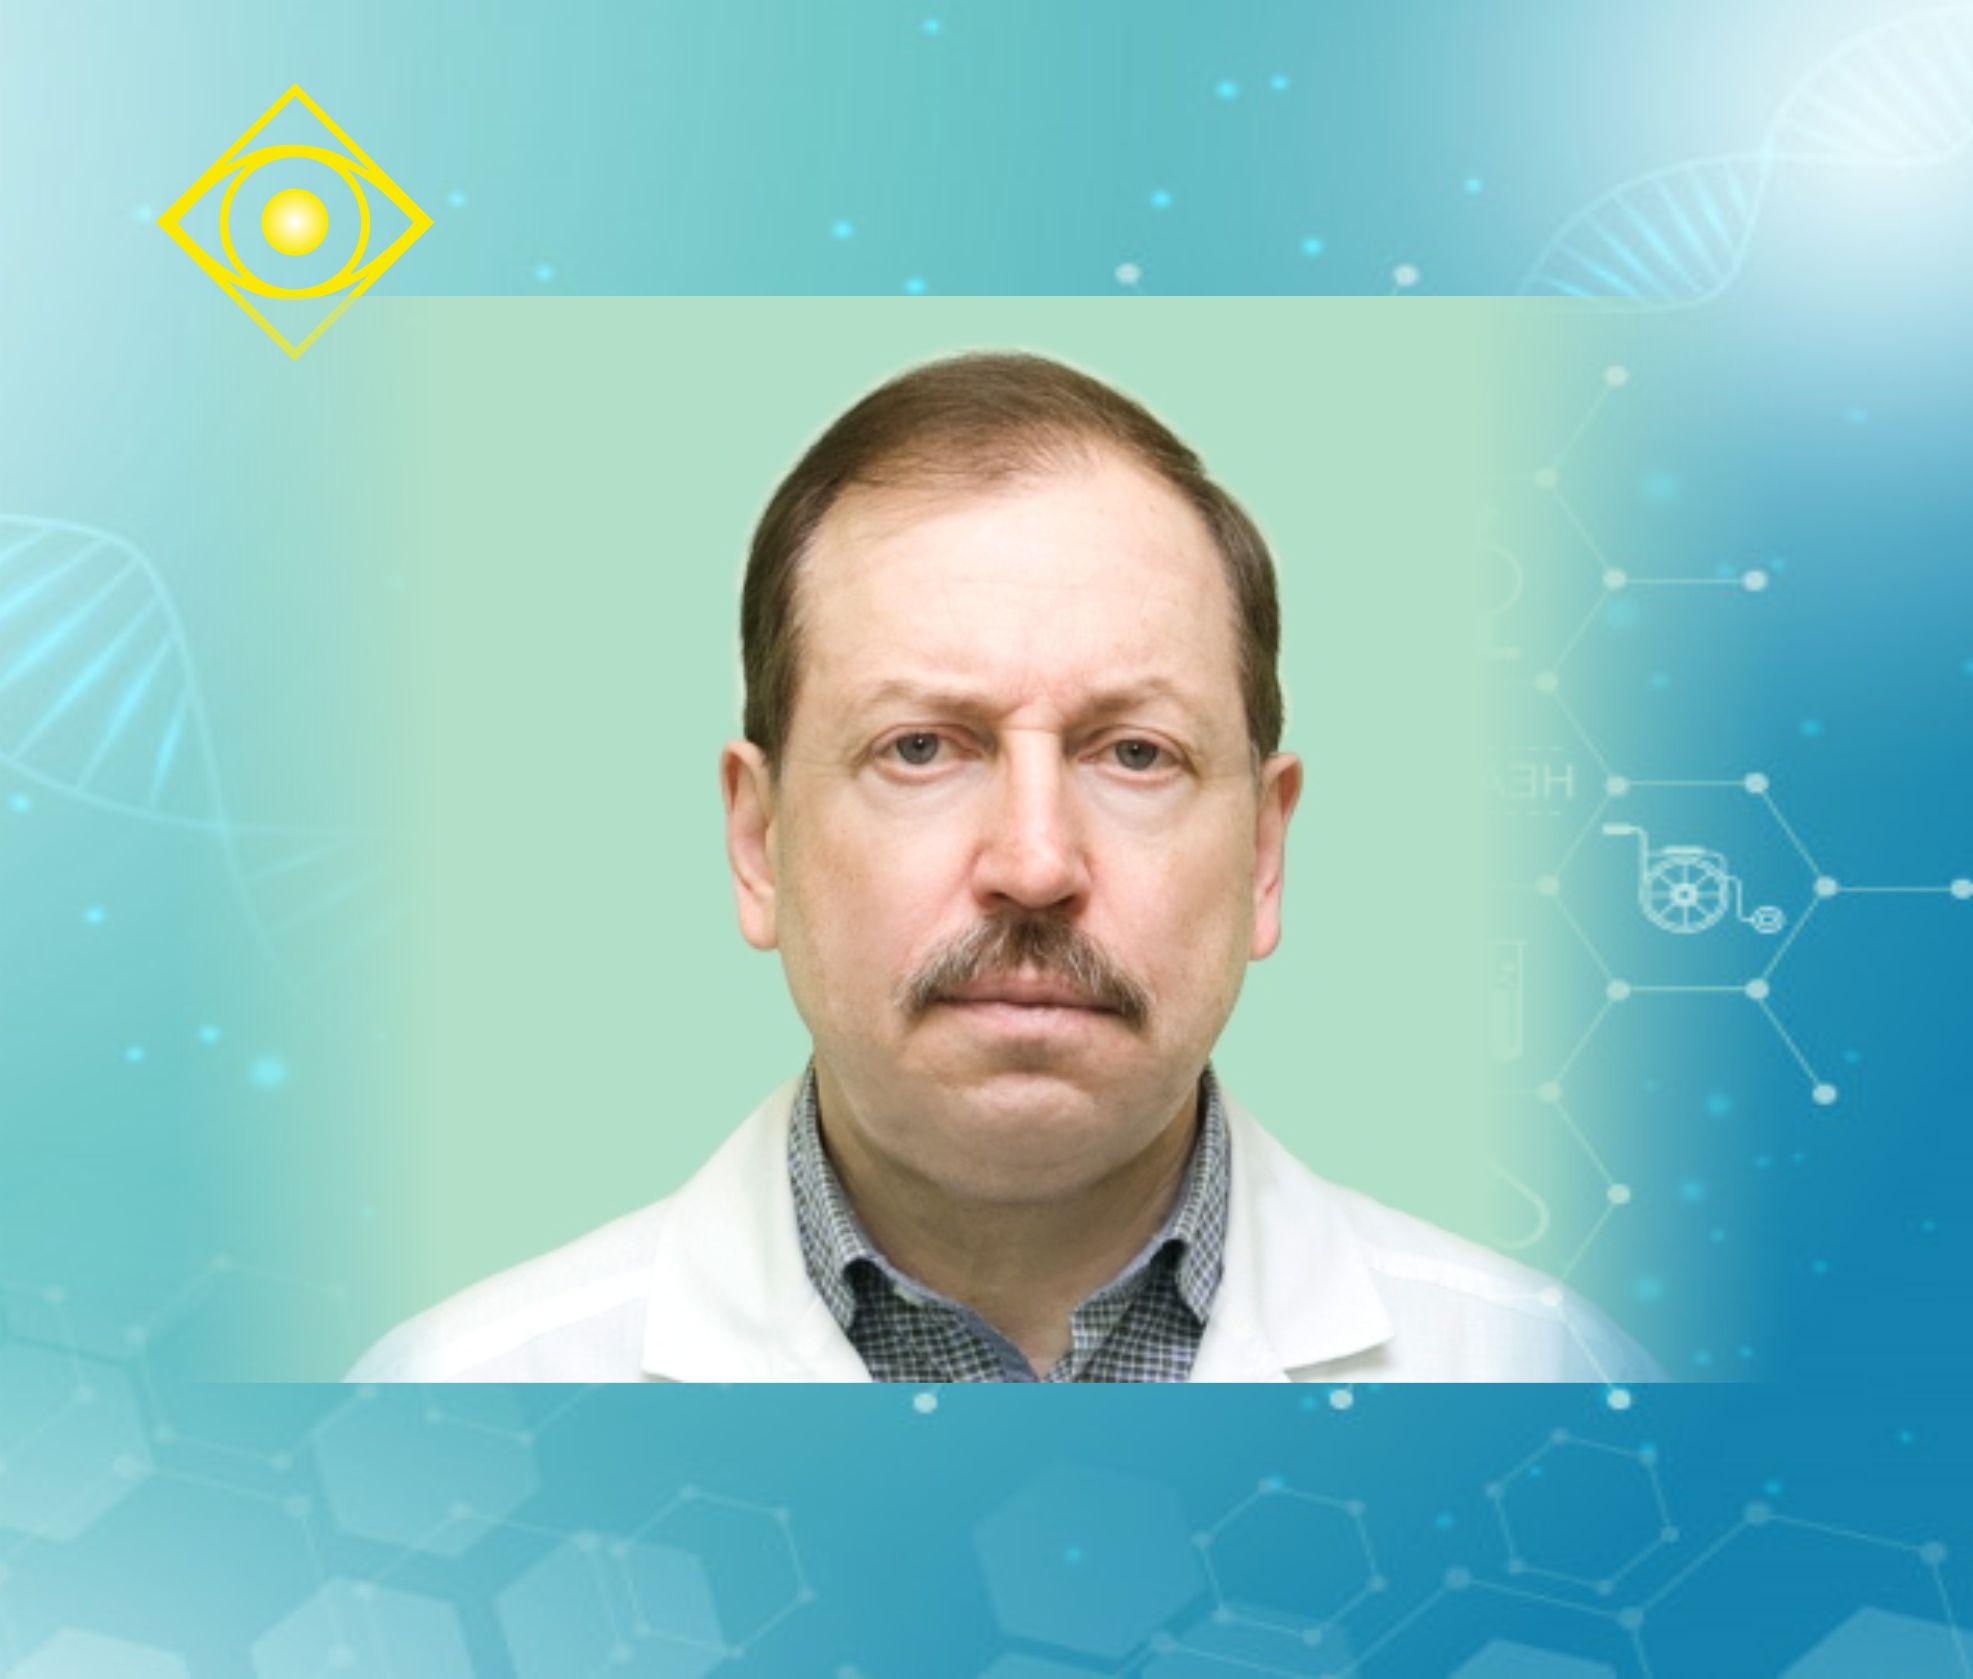 Косенко Сергей Михайлович - лазерная коррекция зрения - врач-офтальмолог